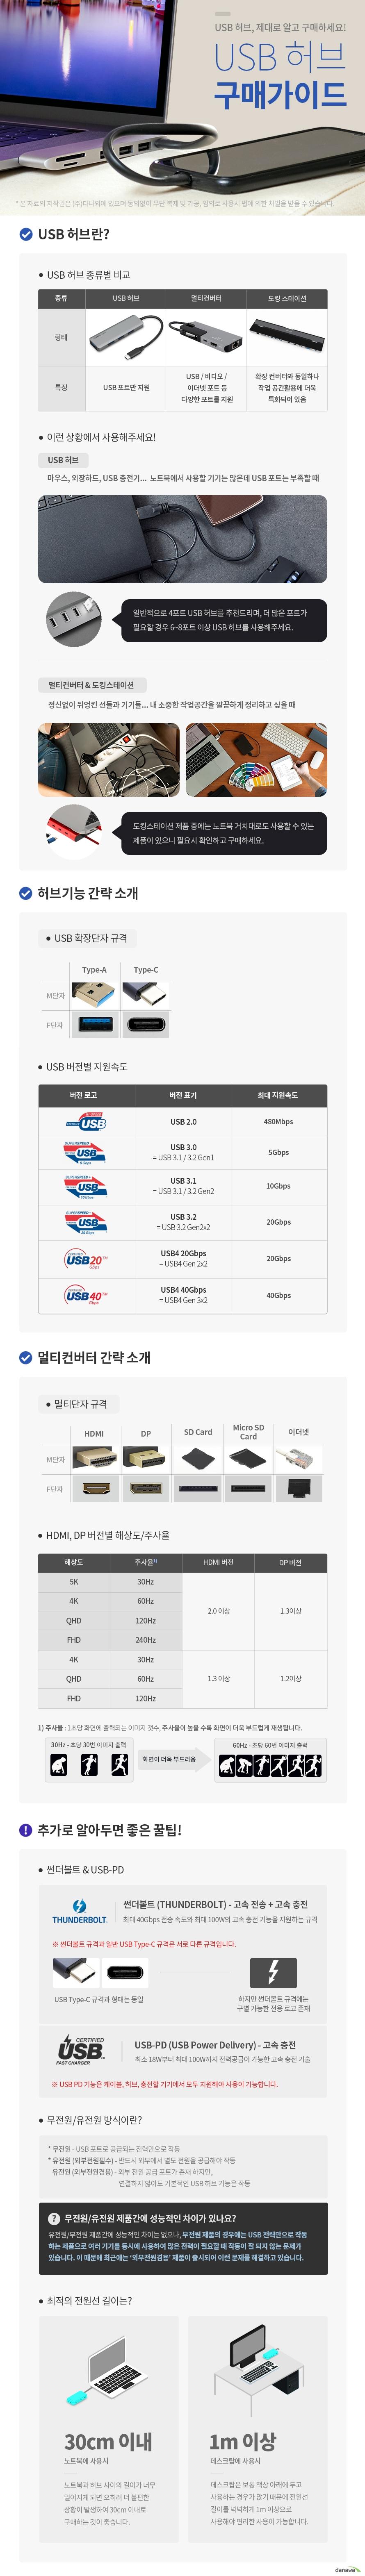 대진씨앤엠 RRP DJH-3100 (4포트/USB 3.0)